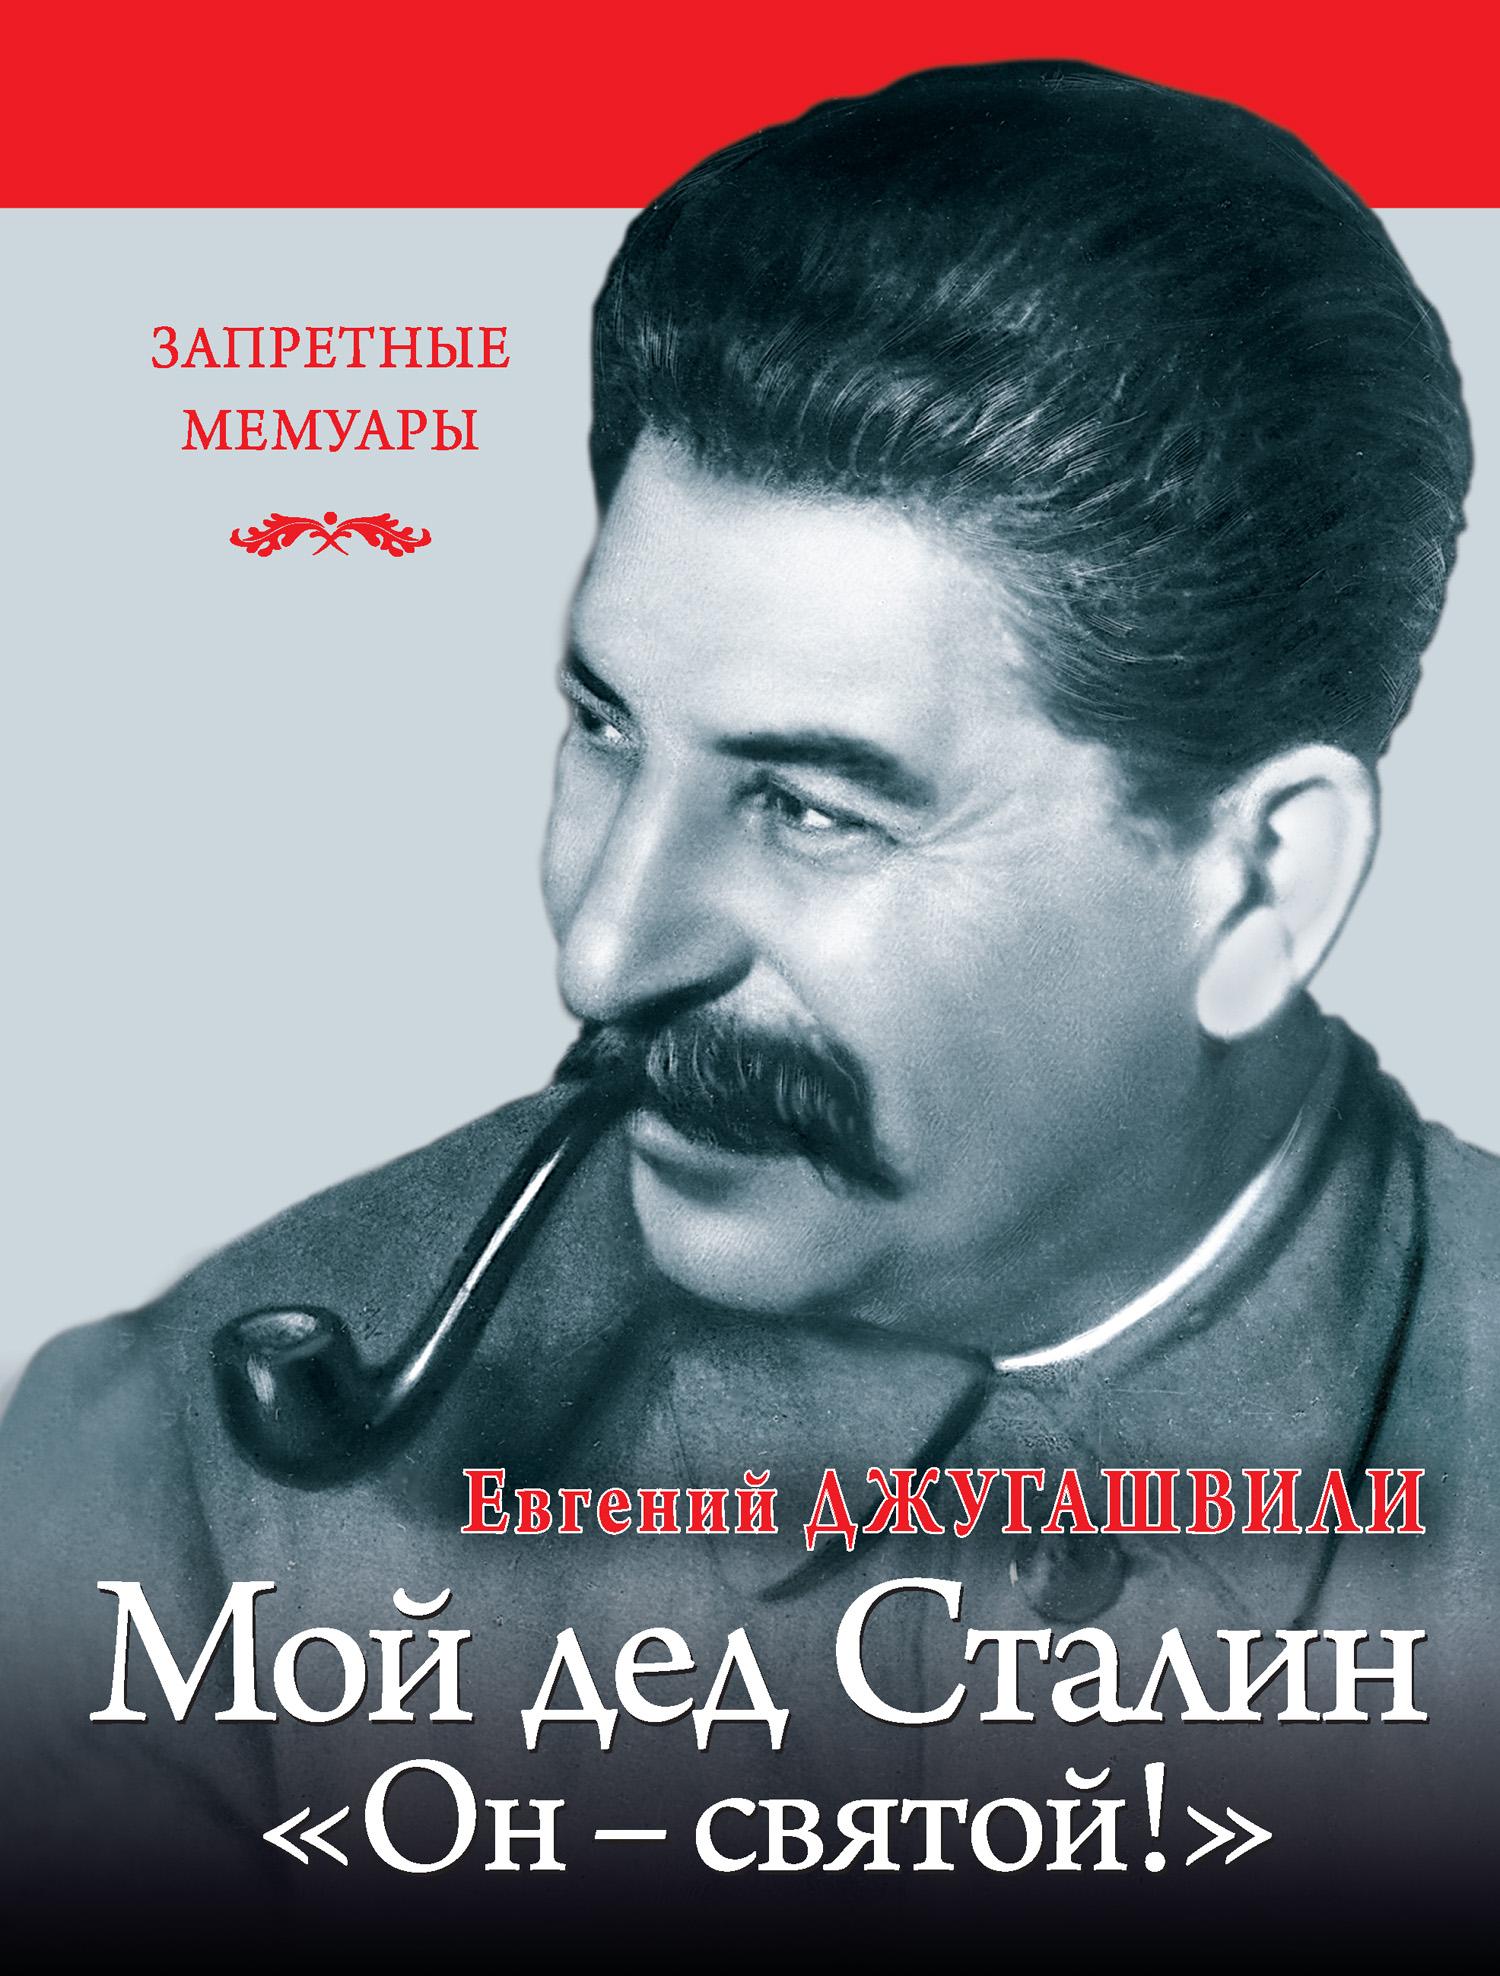 Евгений Джугашвили Мой дед Иосиф Сталин. «Он – святой!» дешевый